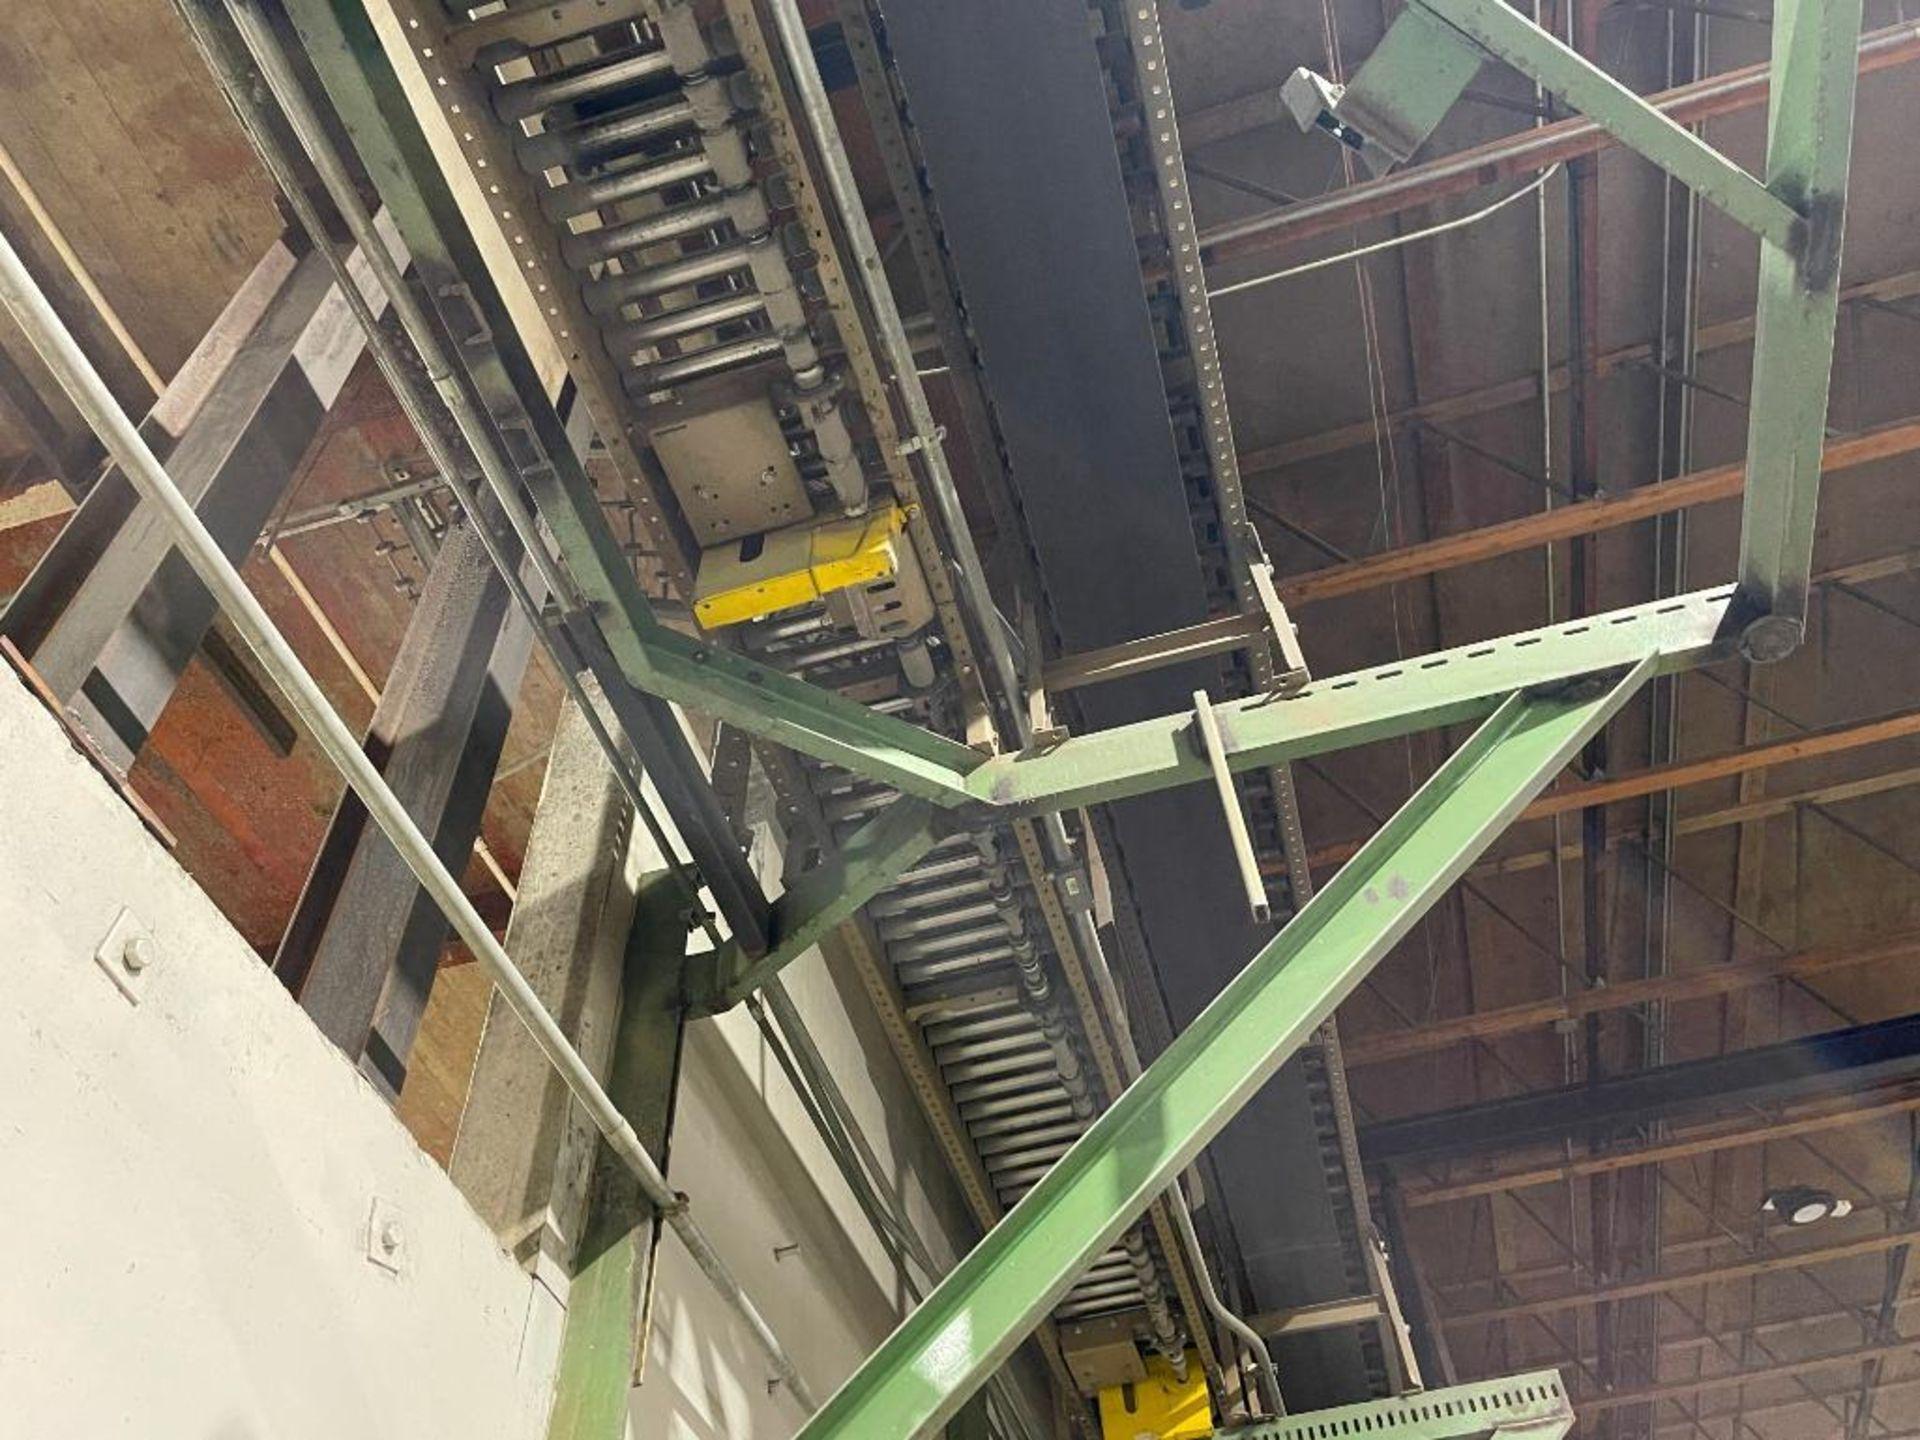 270 ft. of mild steel power roller and power belt overhead conveyor - Image 5 of 12